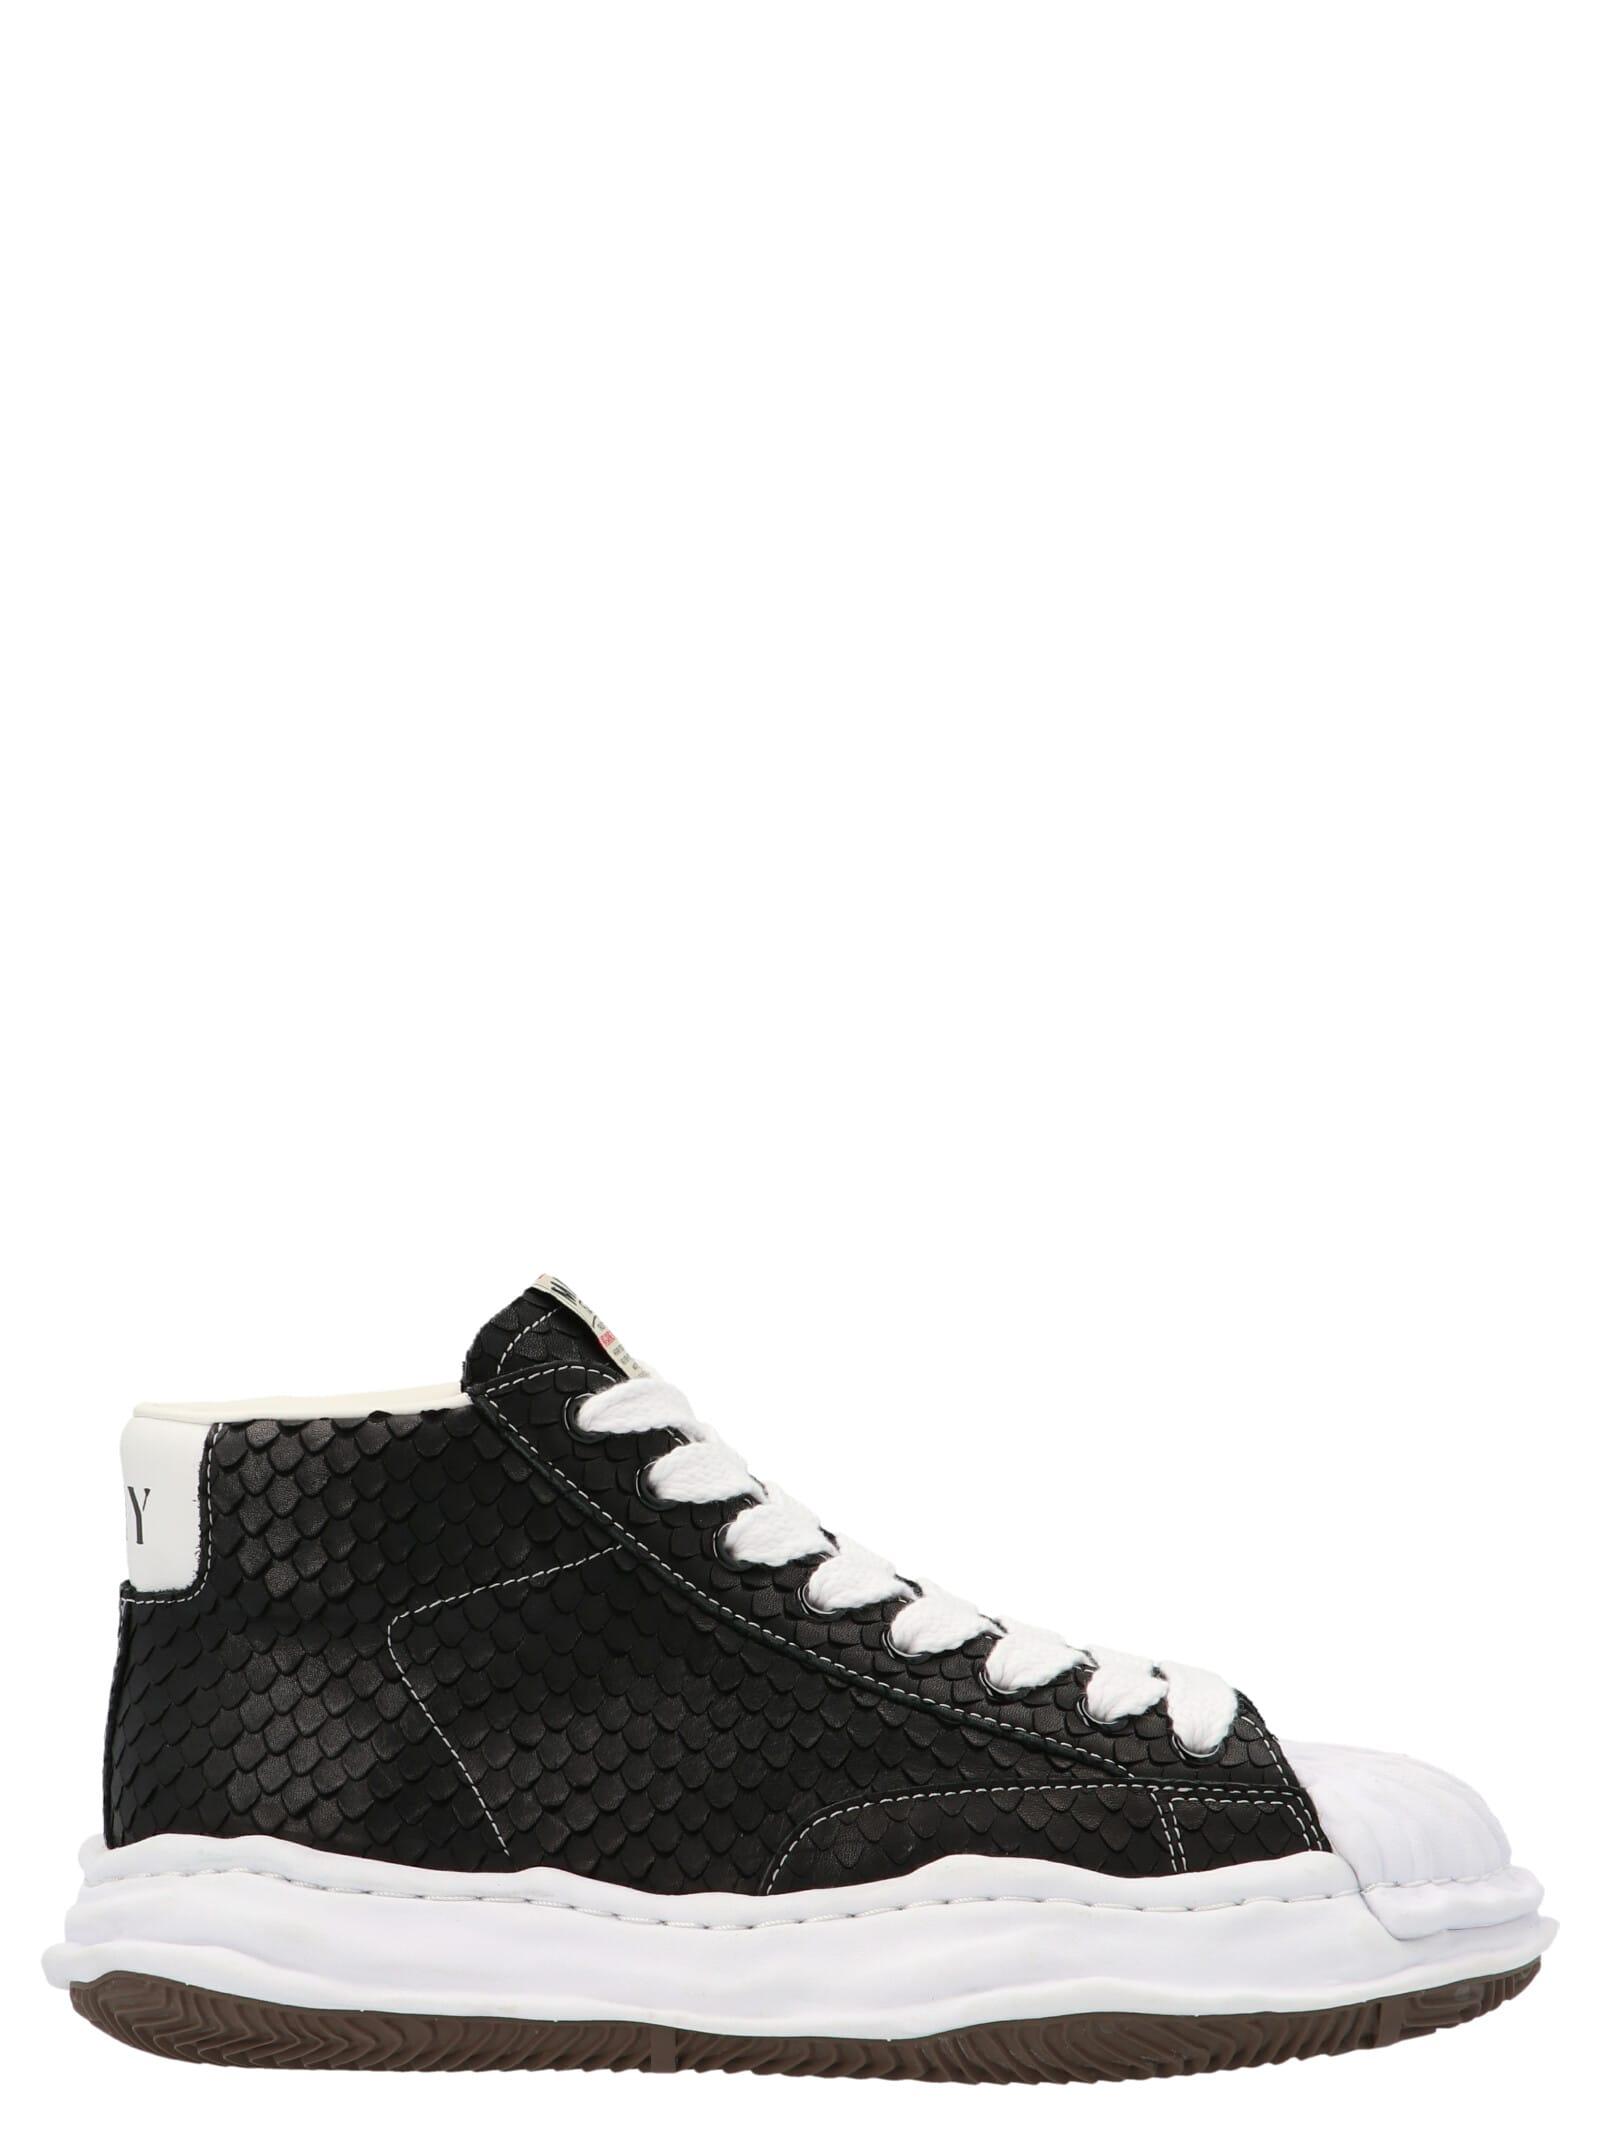 blakey Shoes